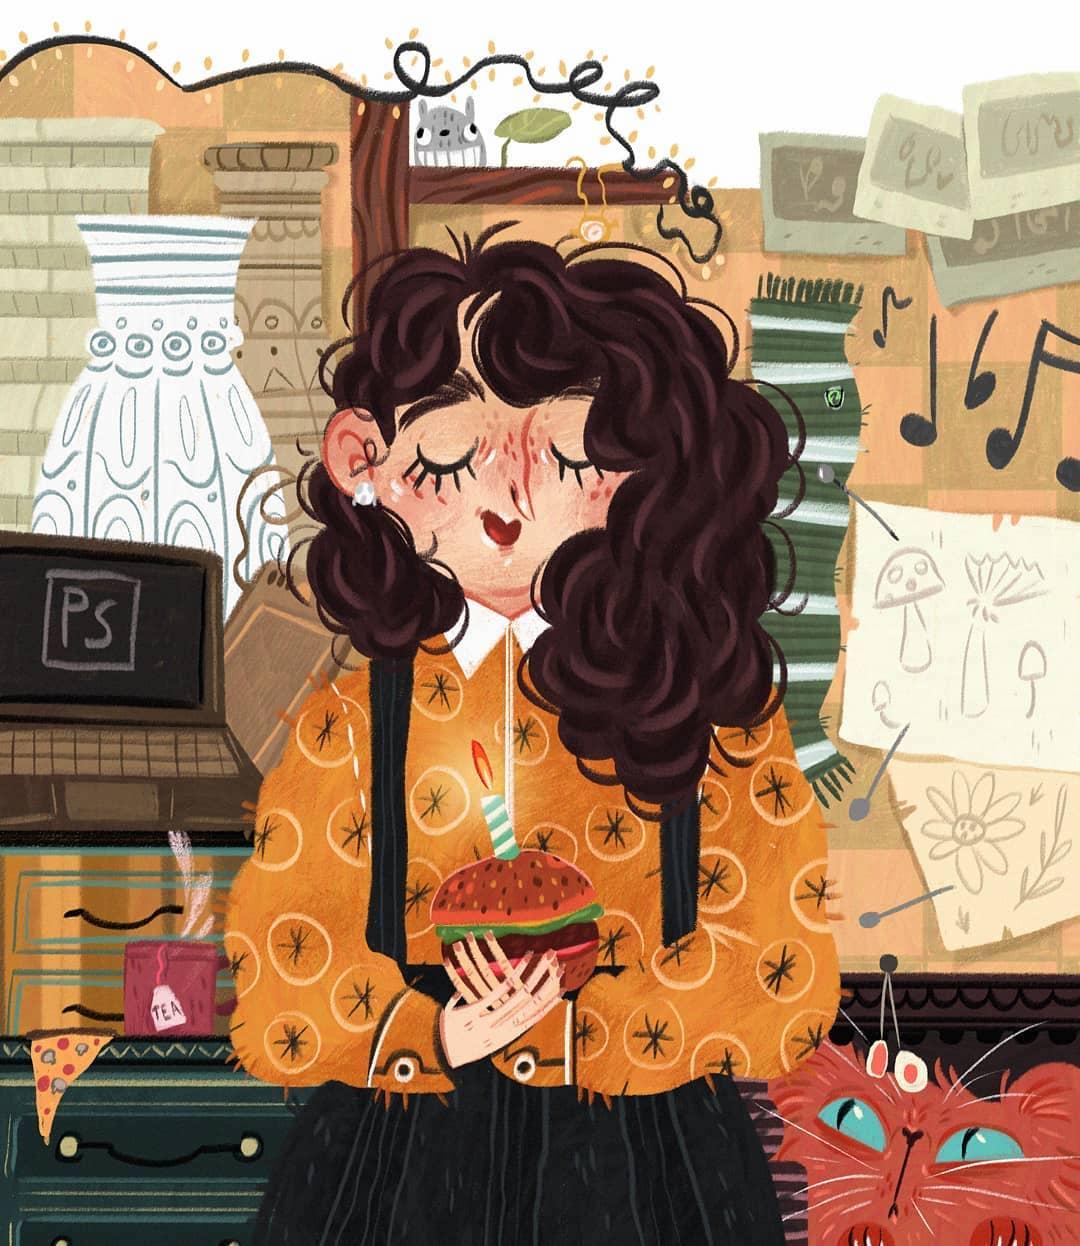 Digital illustration by Laura Proietti